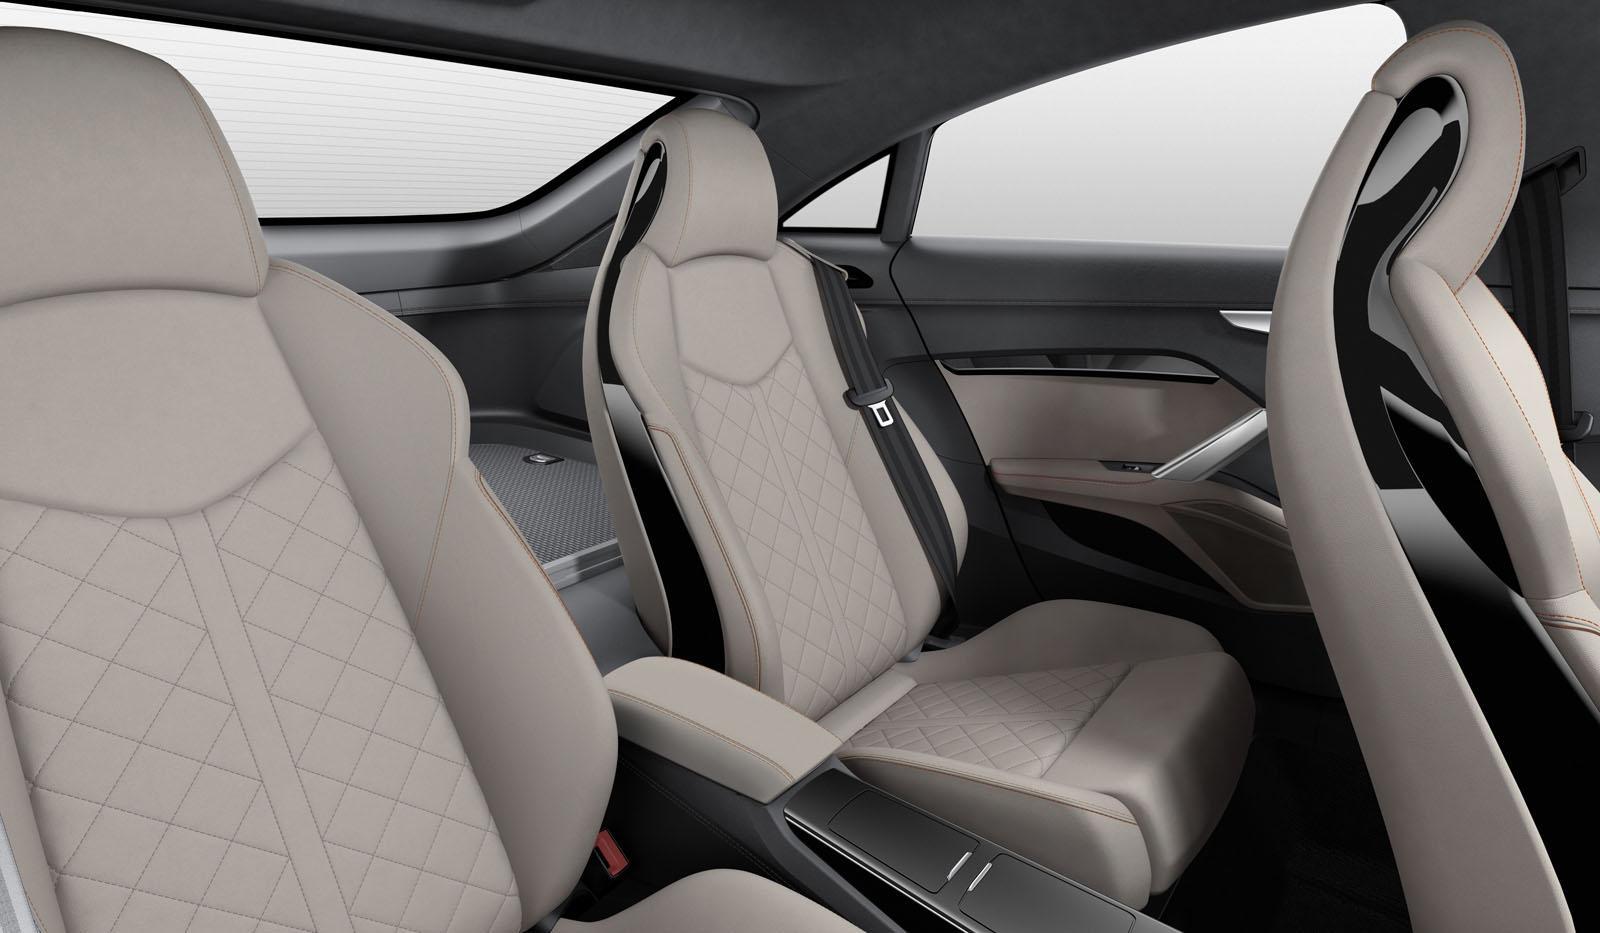 Audi Tt Sportback Concept Rear Seats Press Shot